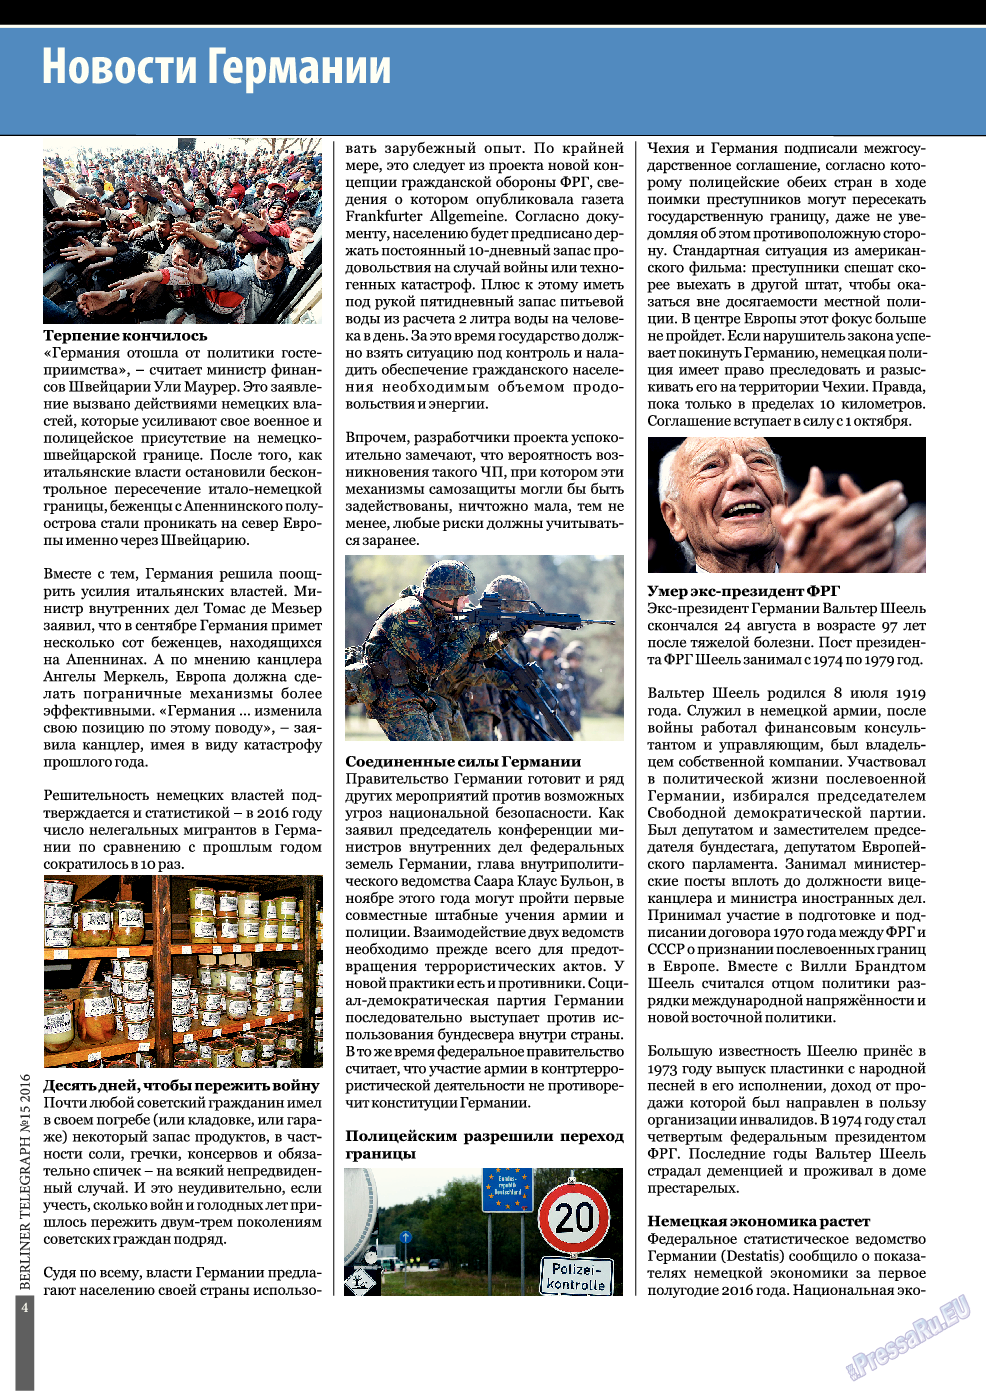 Берлинский телеграф (журнал). 2016 год, номер 15, стр. 4